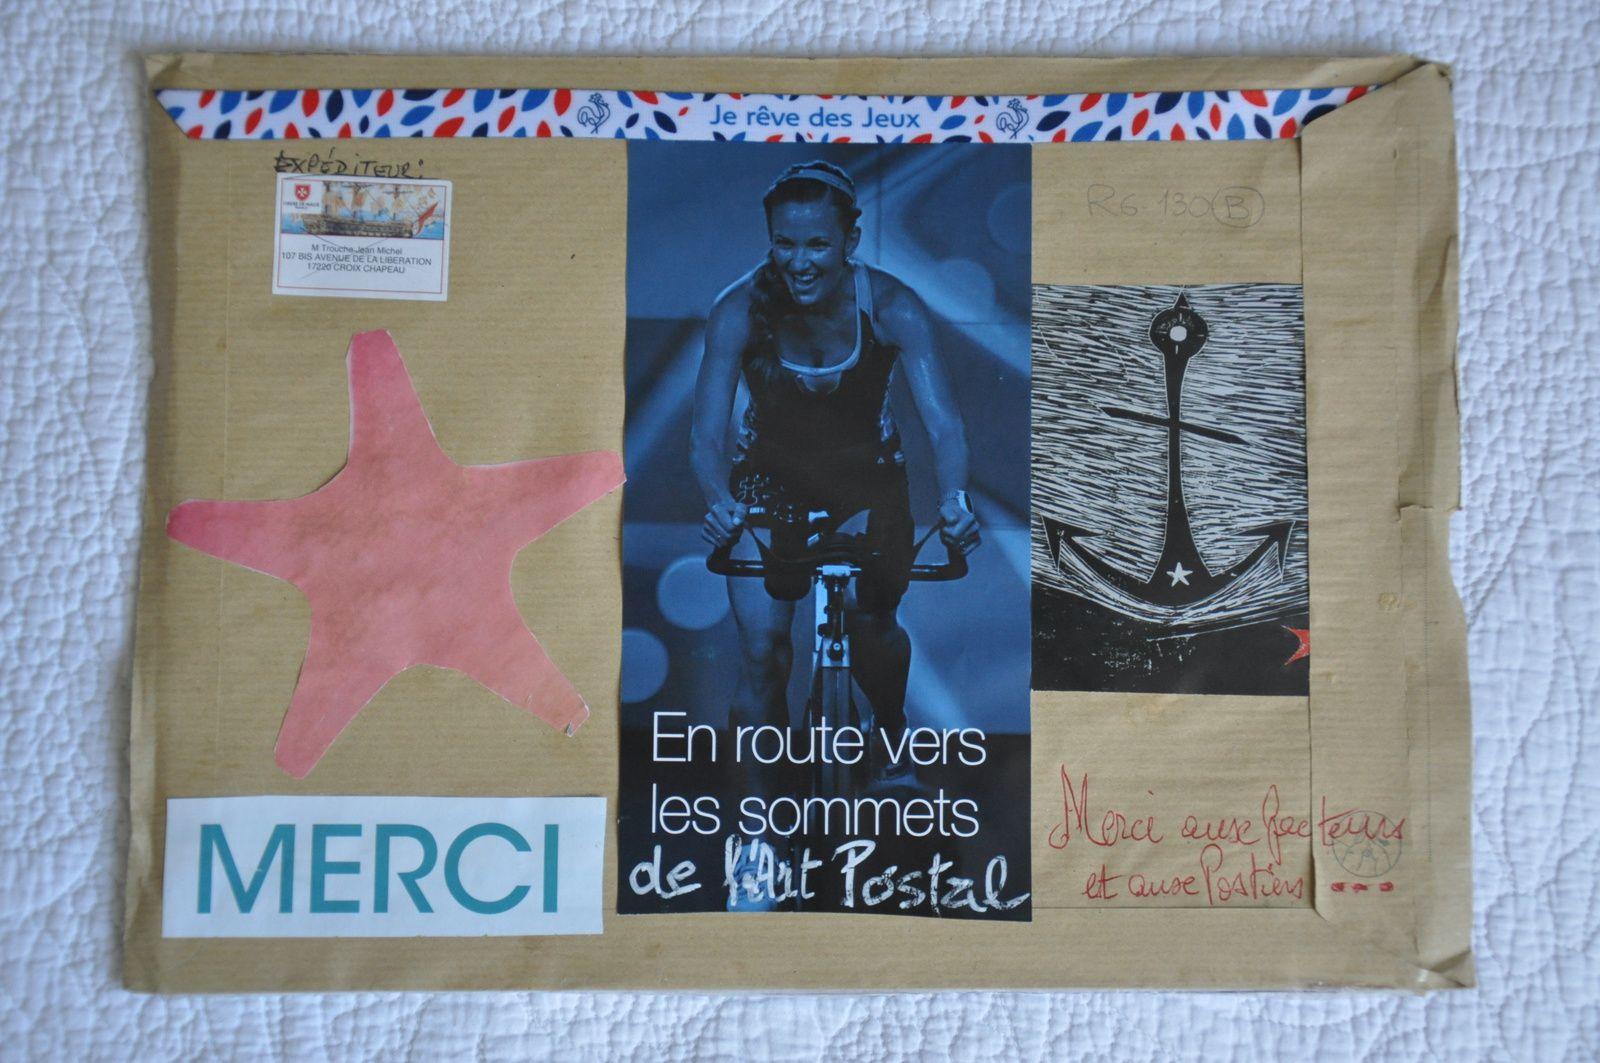 Merci à Jean-Michel Trouche pour cet art postal si diversifié!